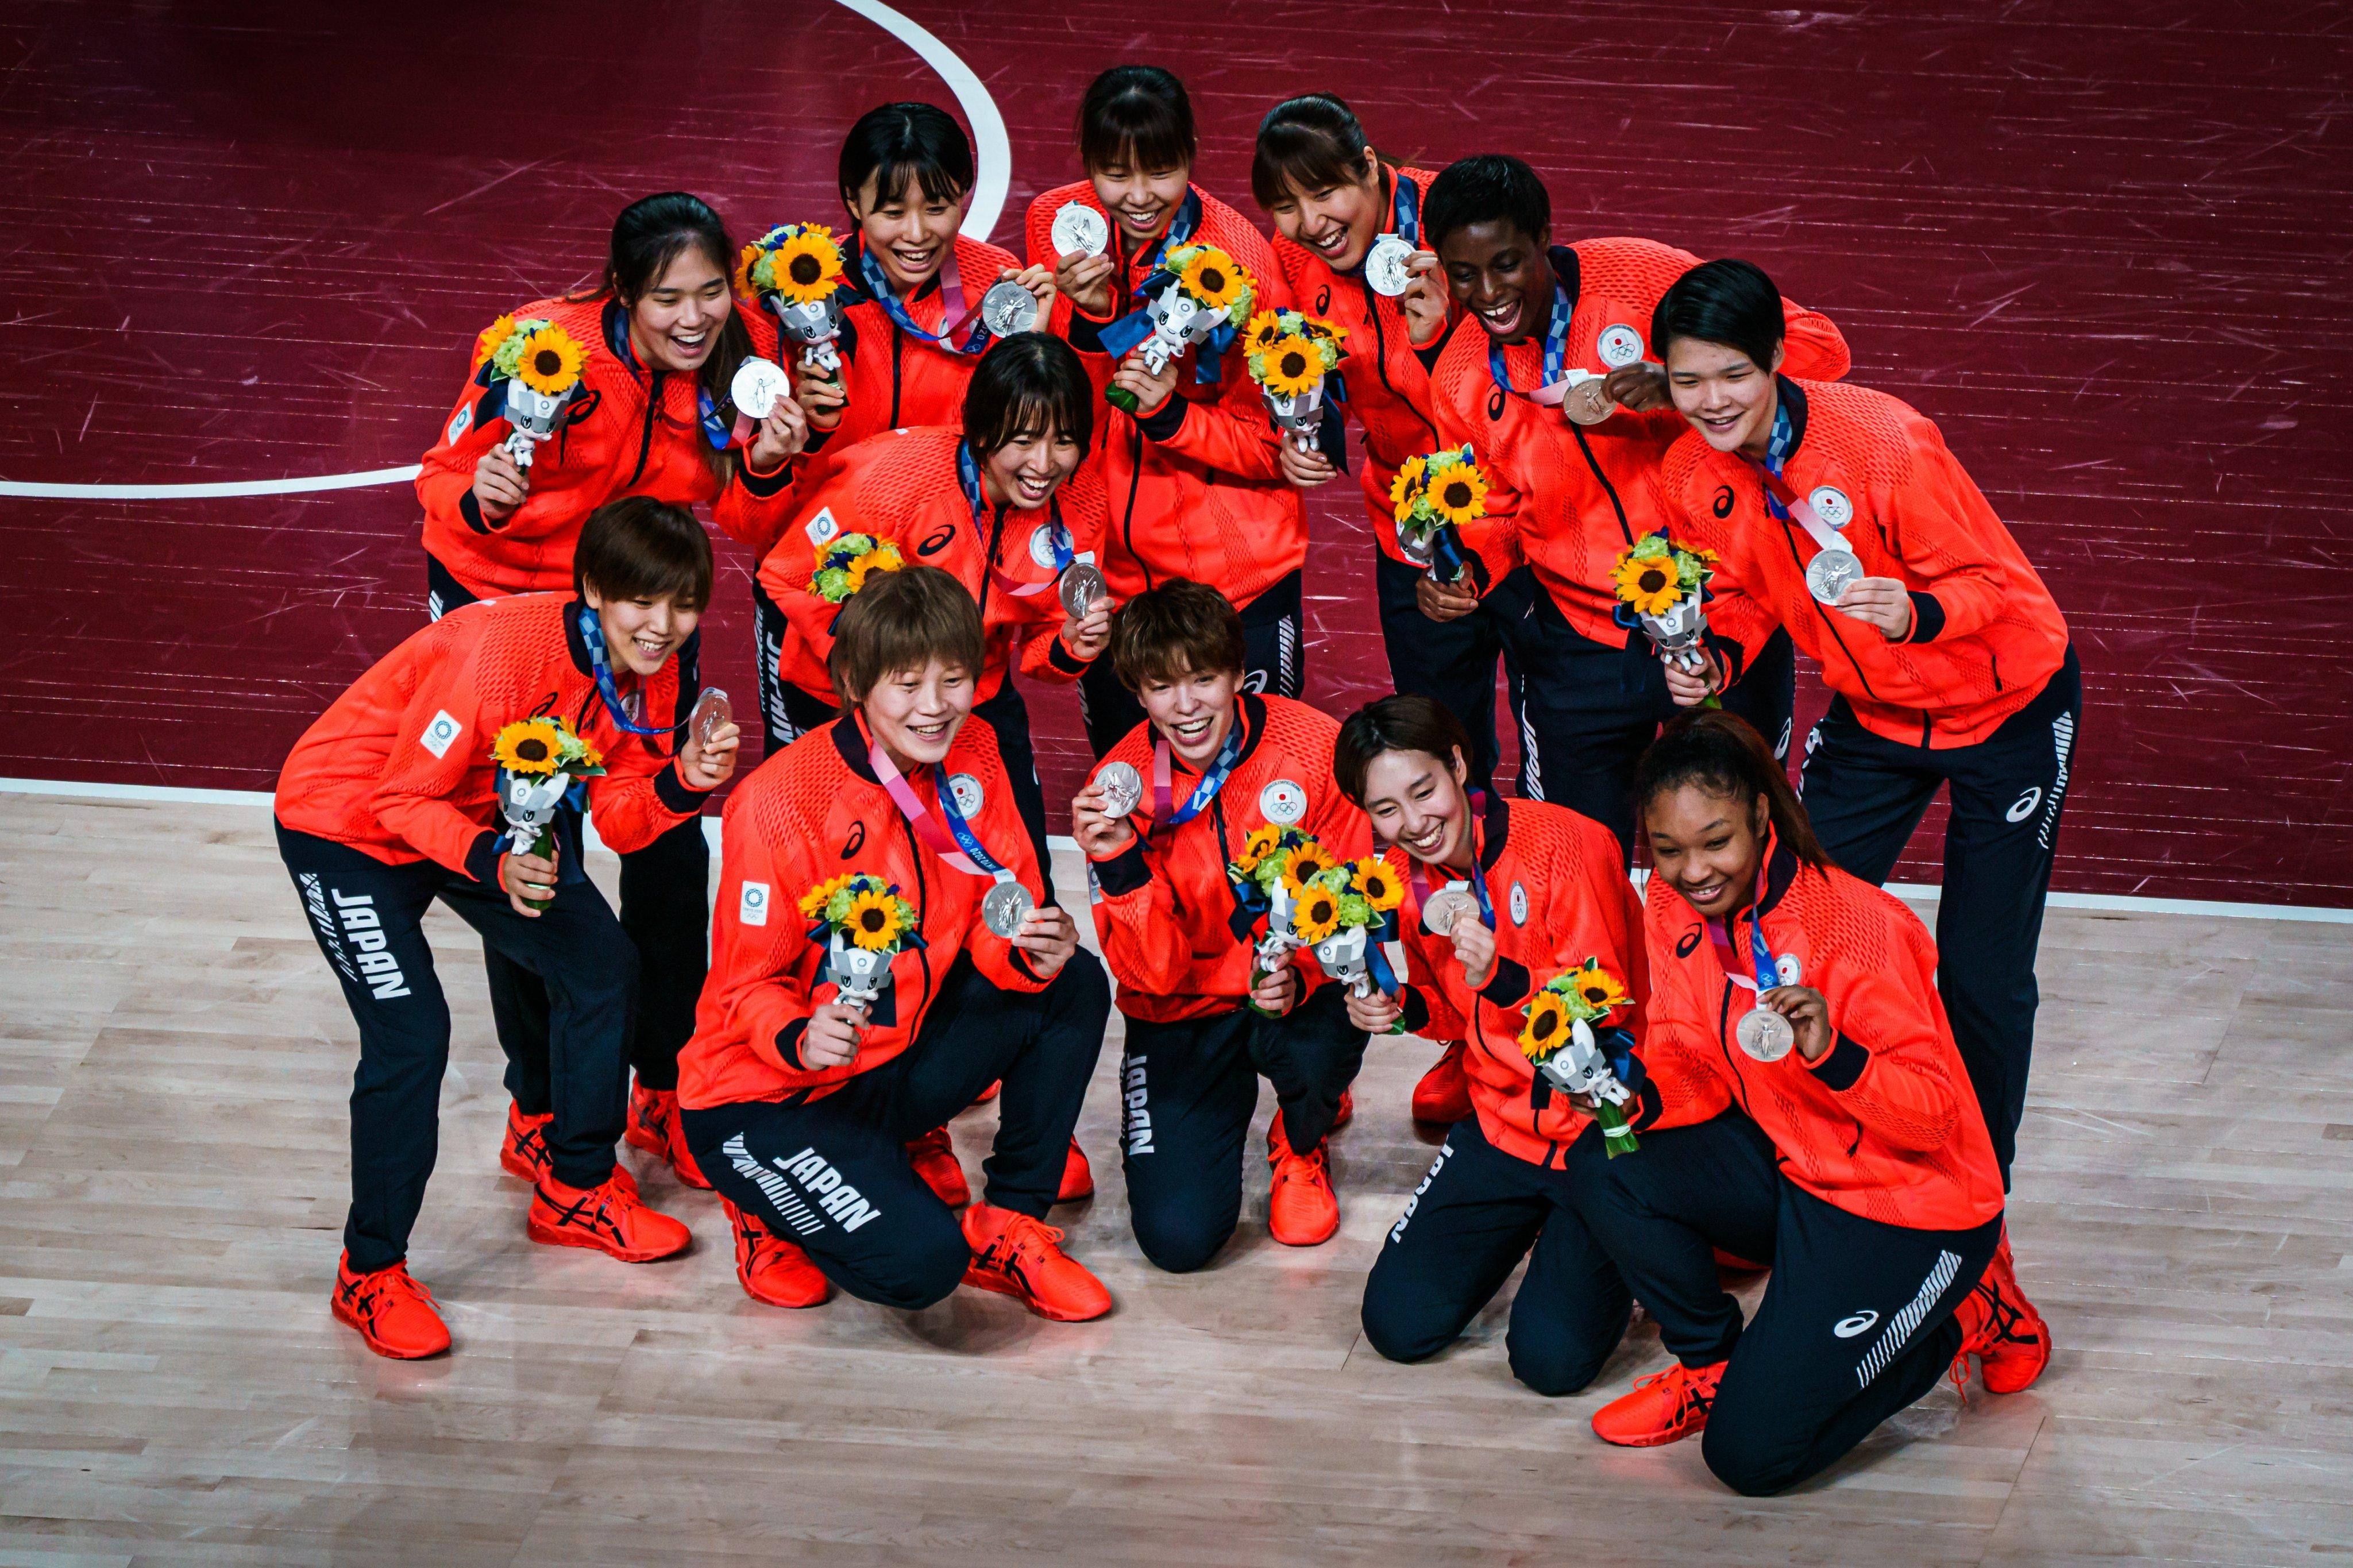 Chùm ảnh: Tuyển Mỹ khép lại kỳ Olympic Tokyo thành công-đánh bài online tiến lên-casino game bài đổi thưởng-TB88